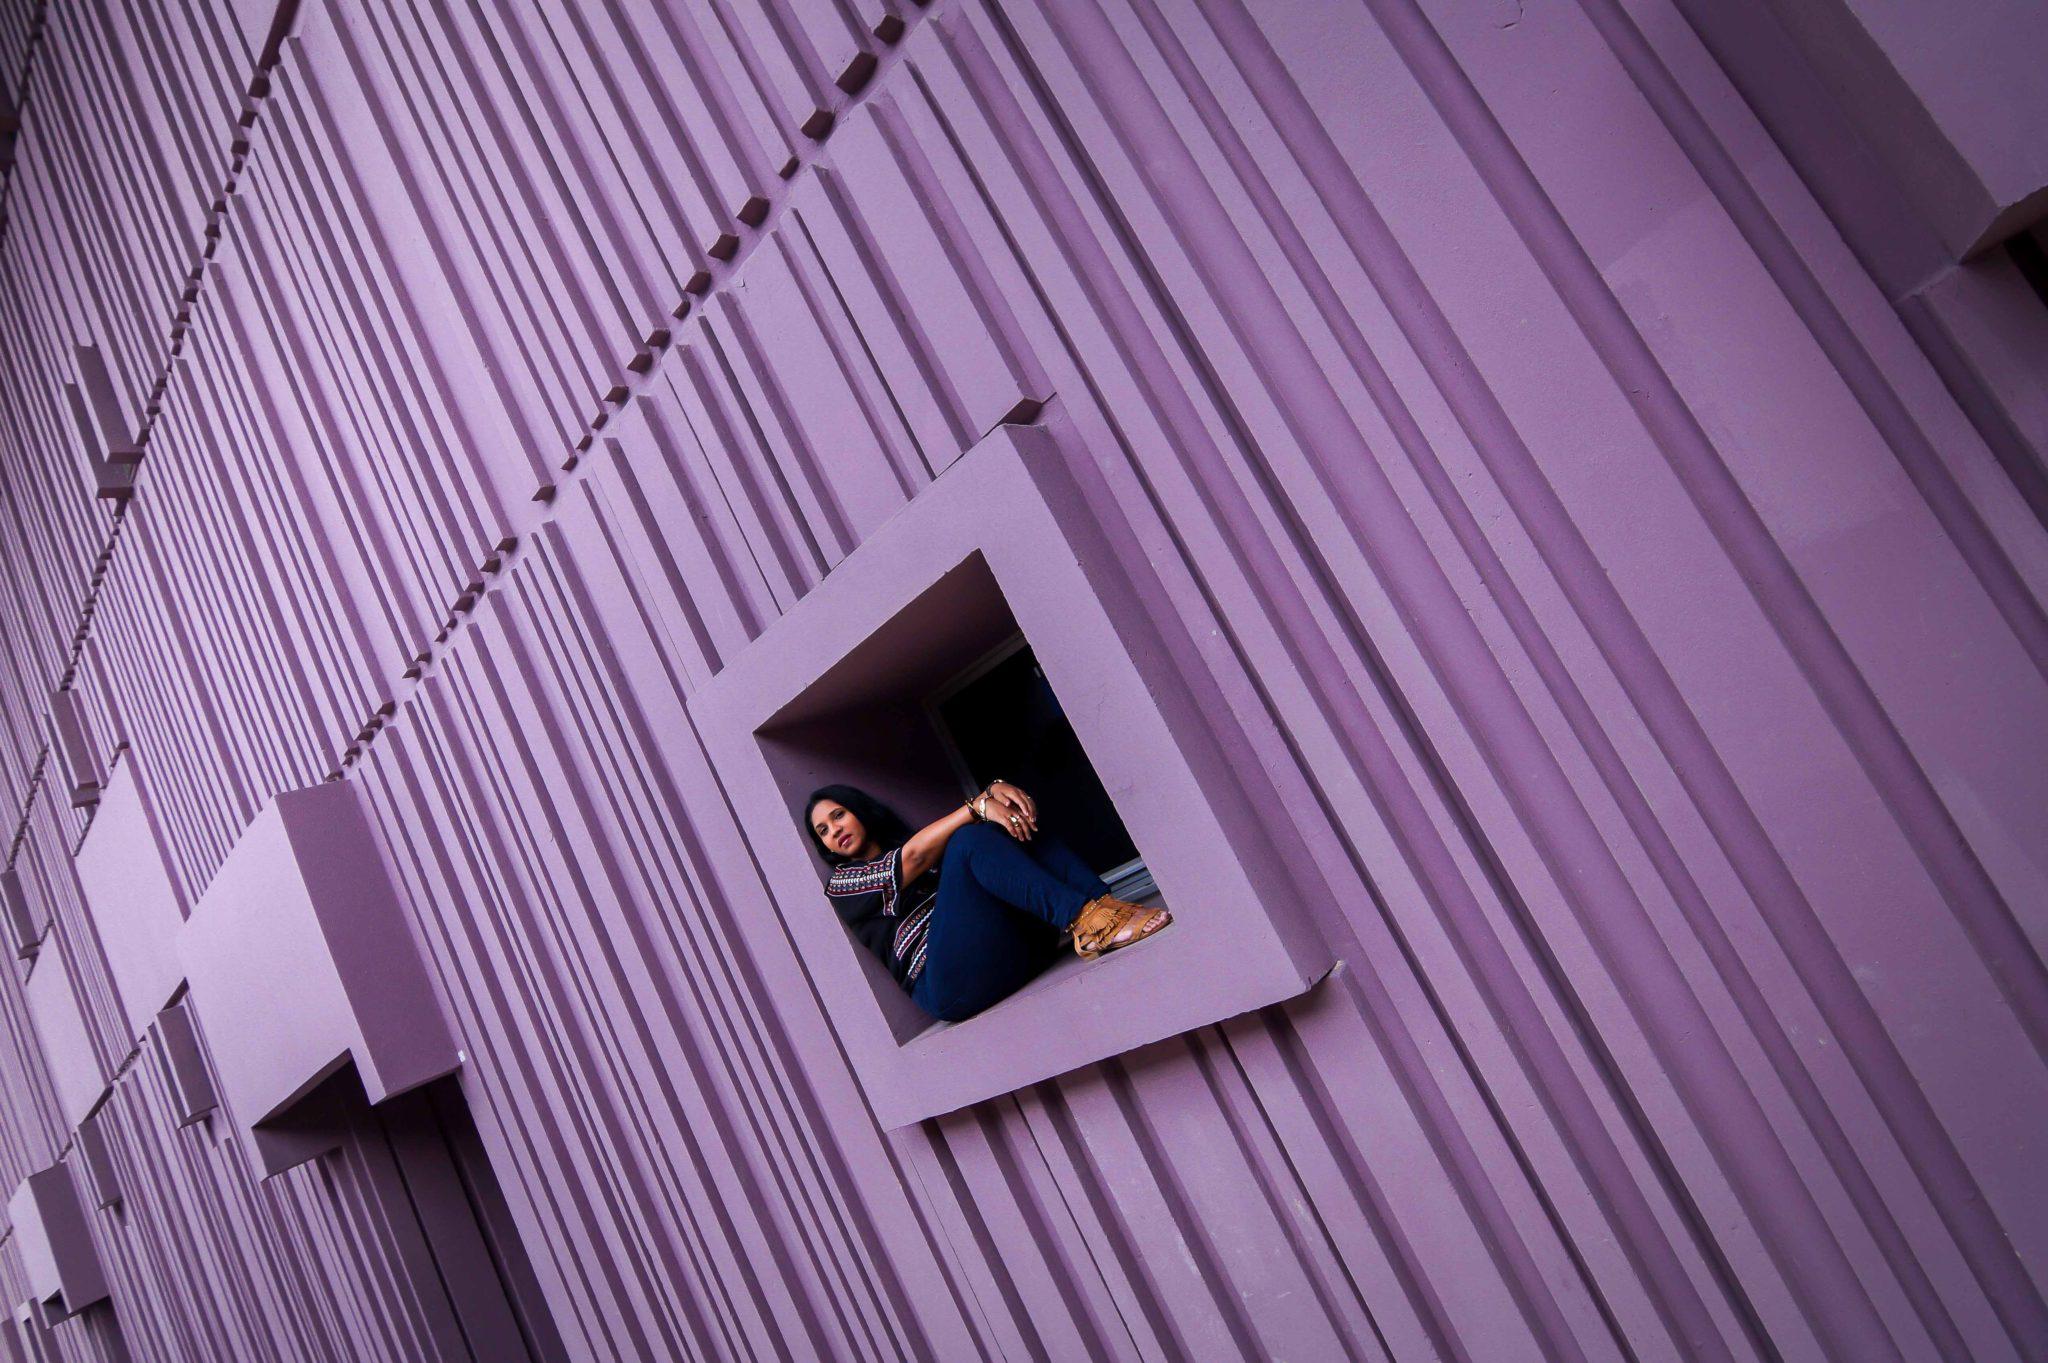 Le mur violet de Beaugrenelle comme lieu de shooting photo